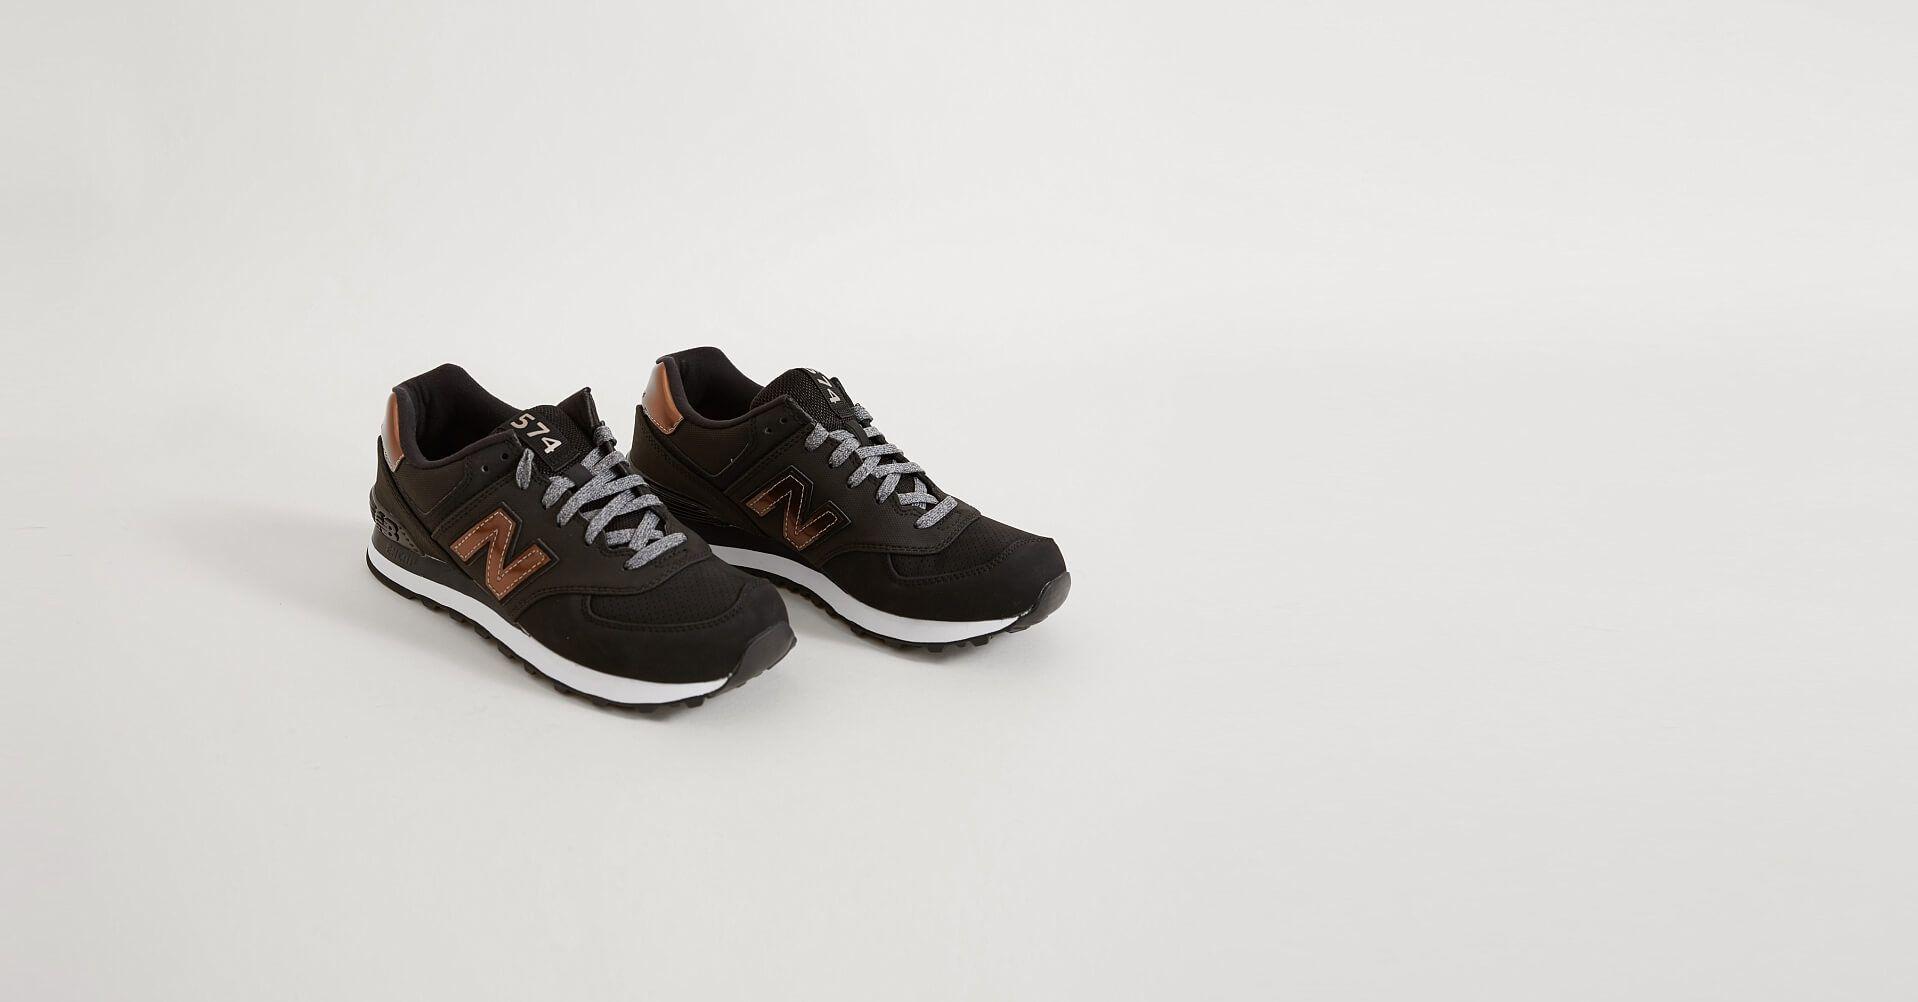 Couleurs variées cd4dc 5b21e New Balance Varsity Sport Shoe - Women's Shoes in Black ...